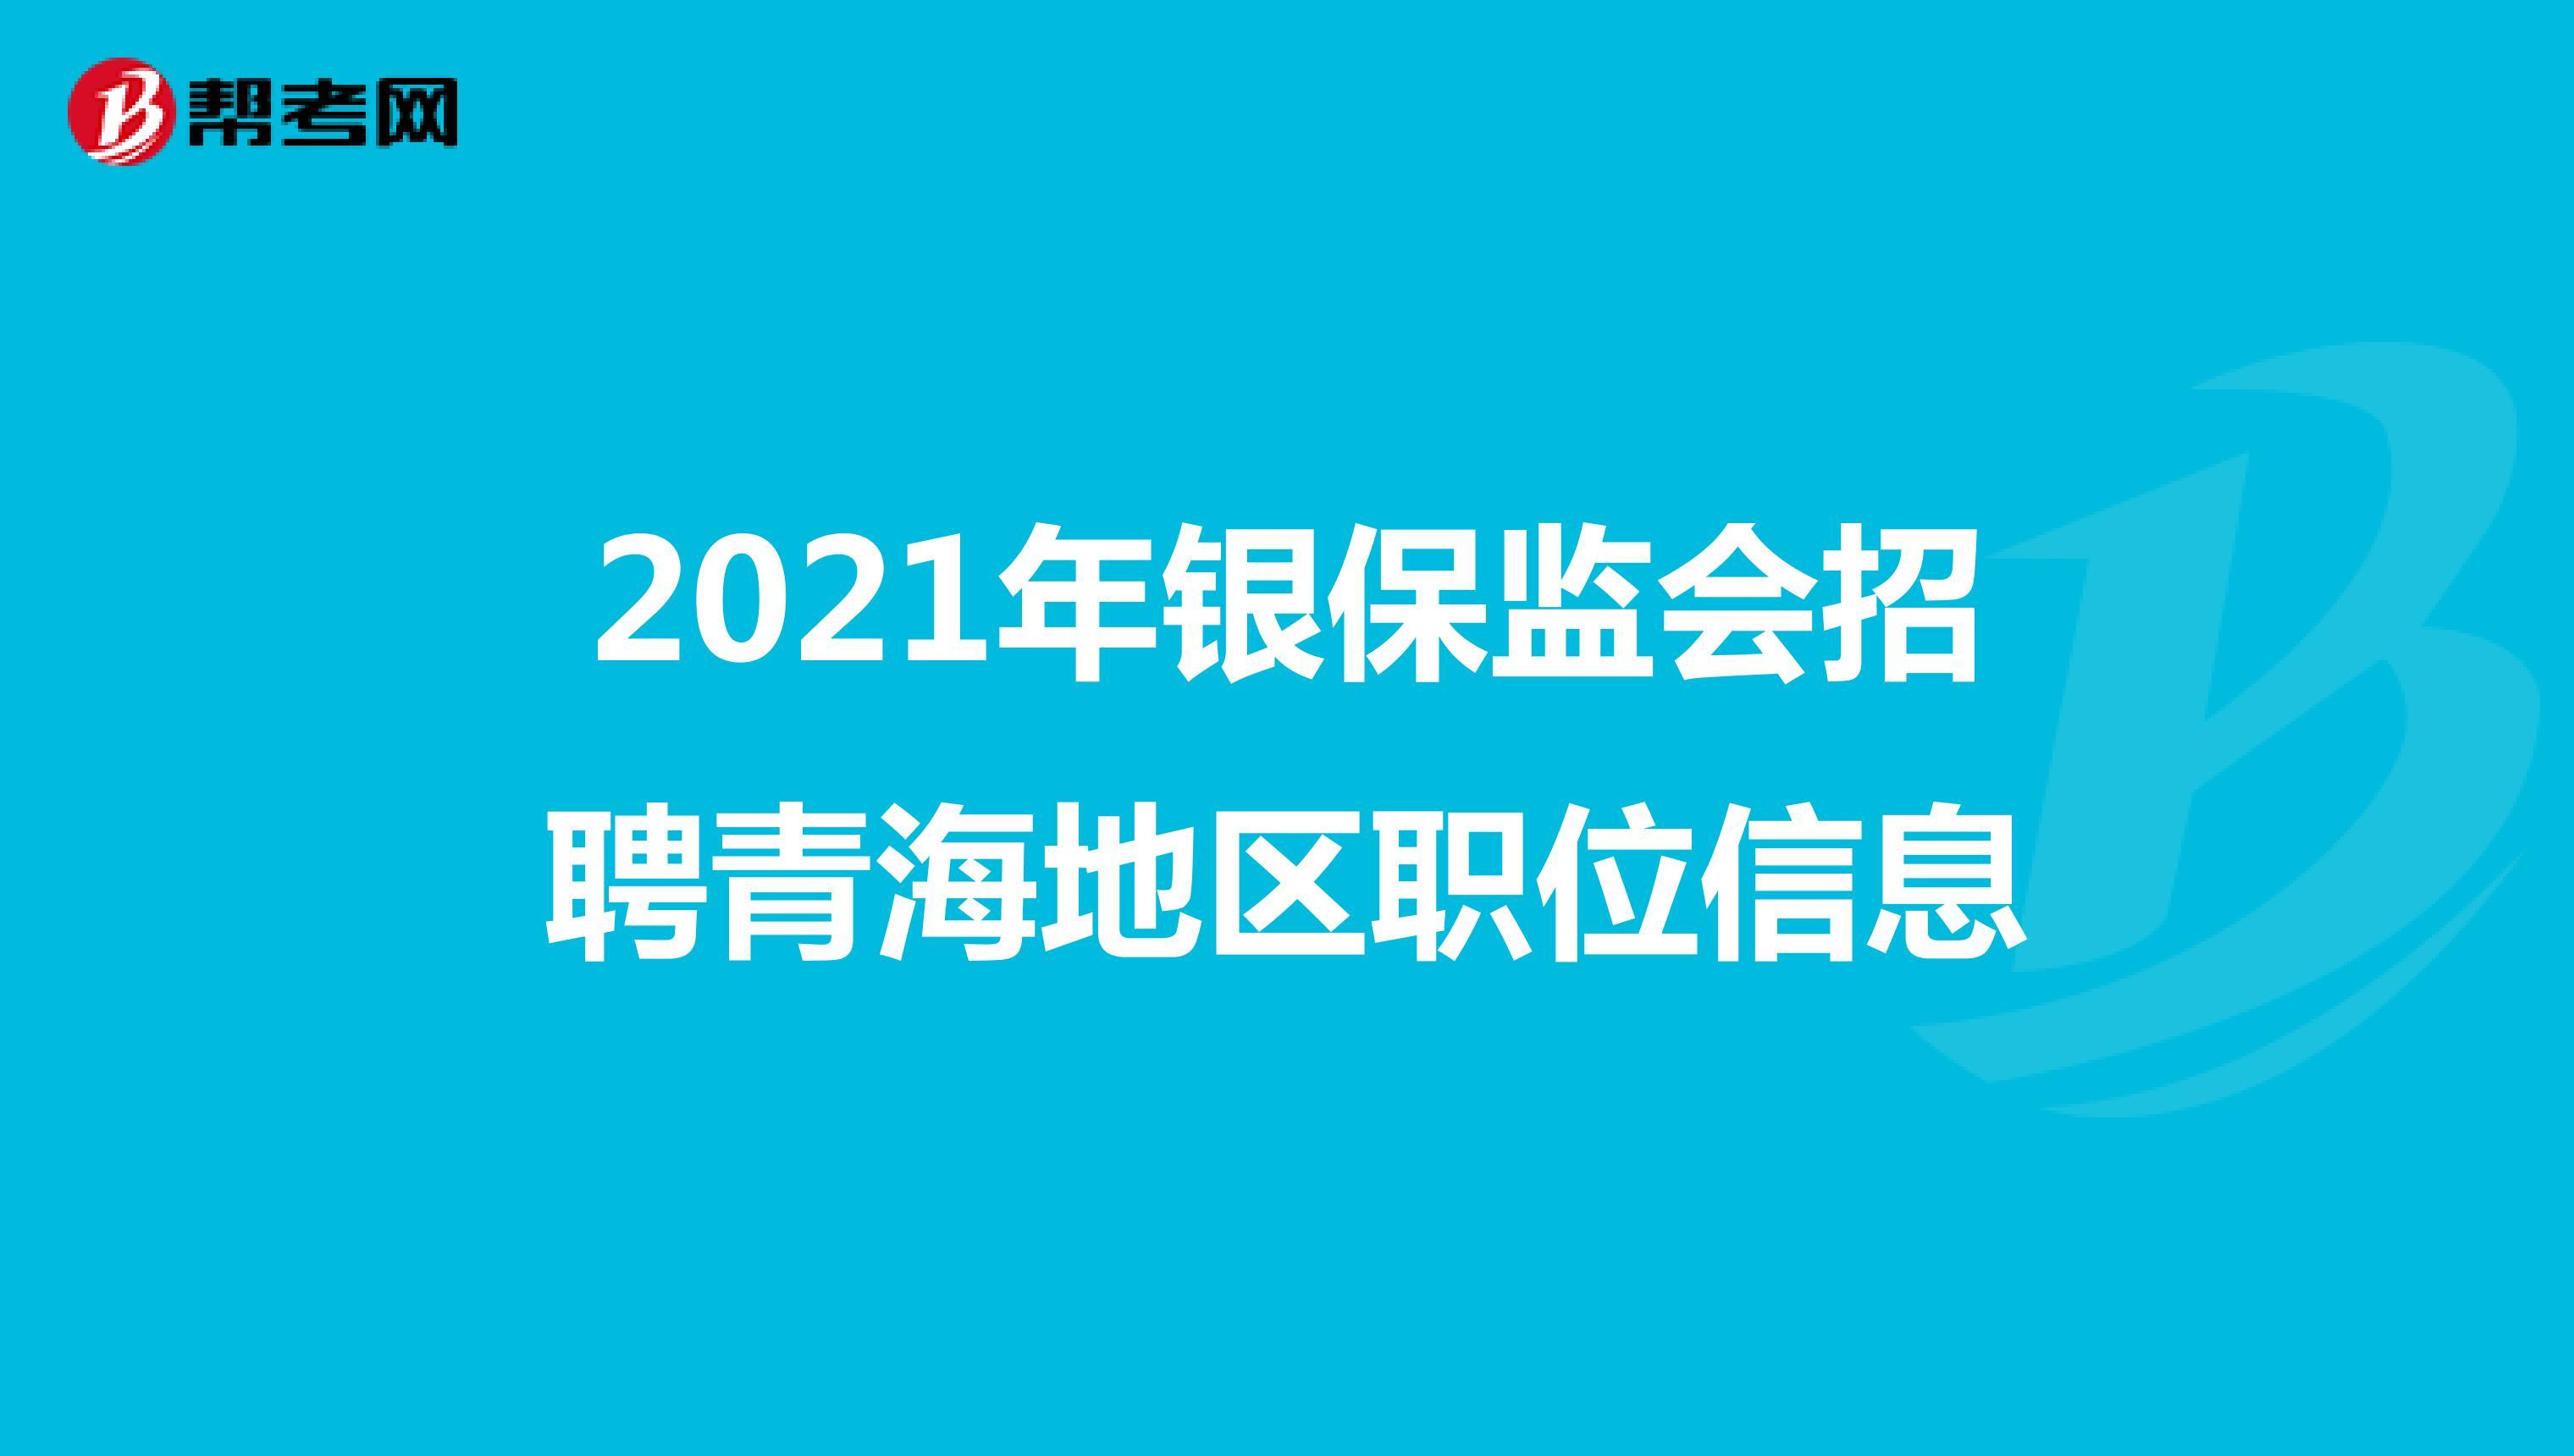 2021年银保监会招聘青海地区职位信息